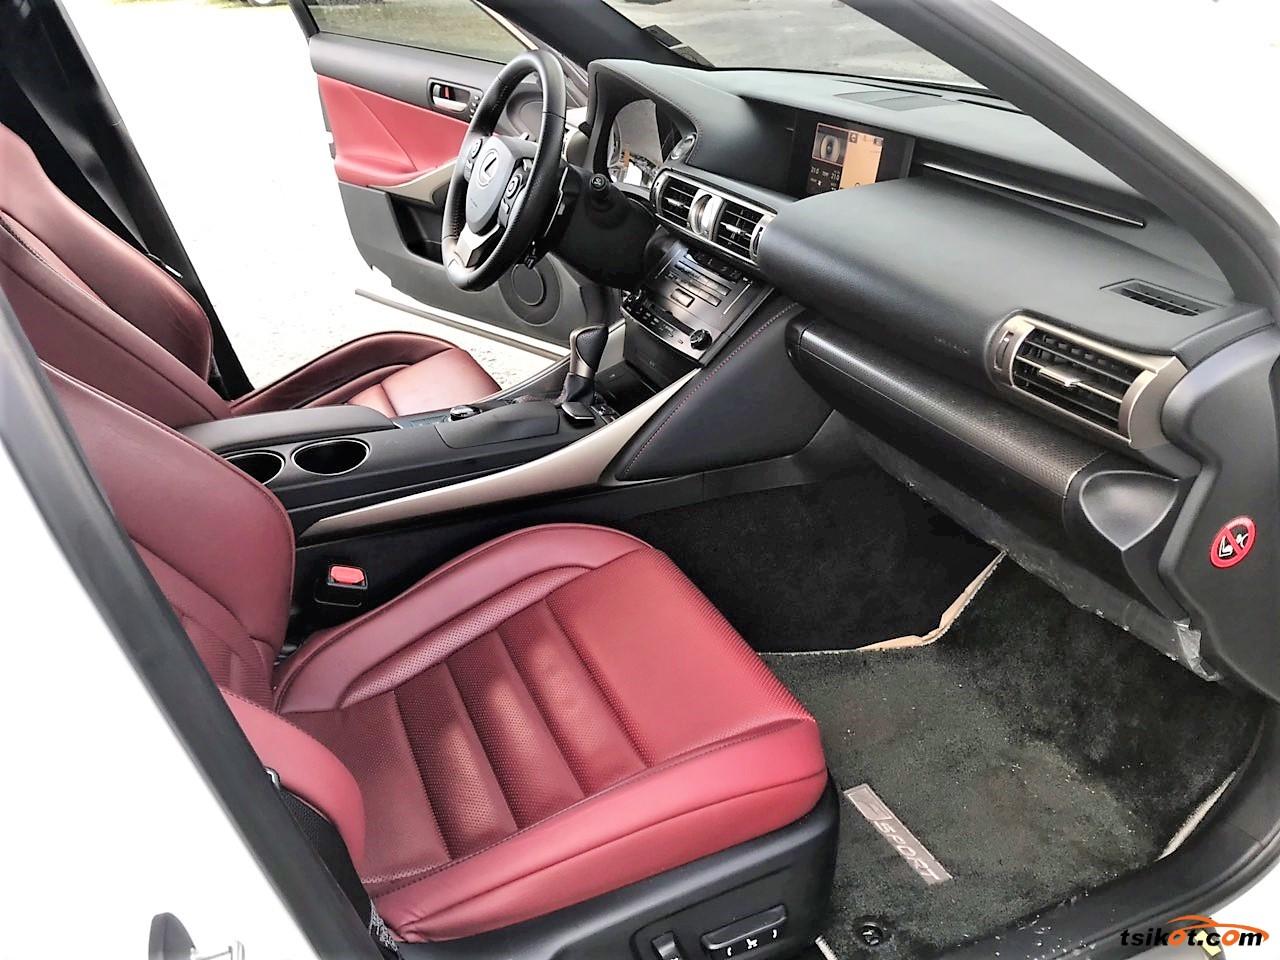 Lexus Is 350 2014 - 6